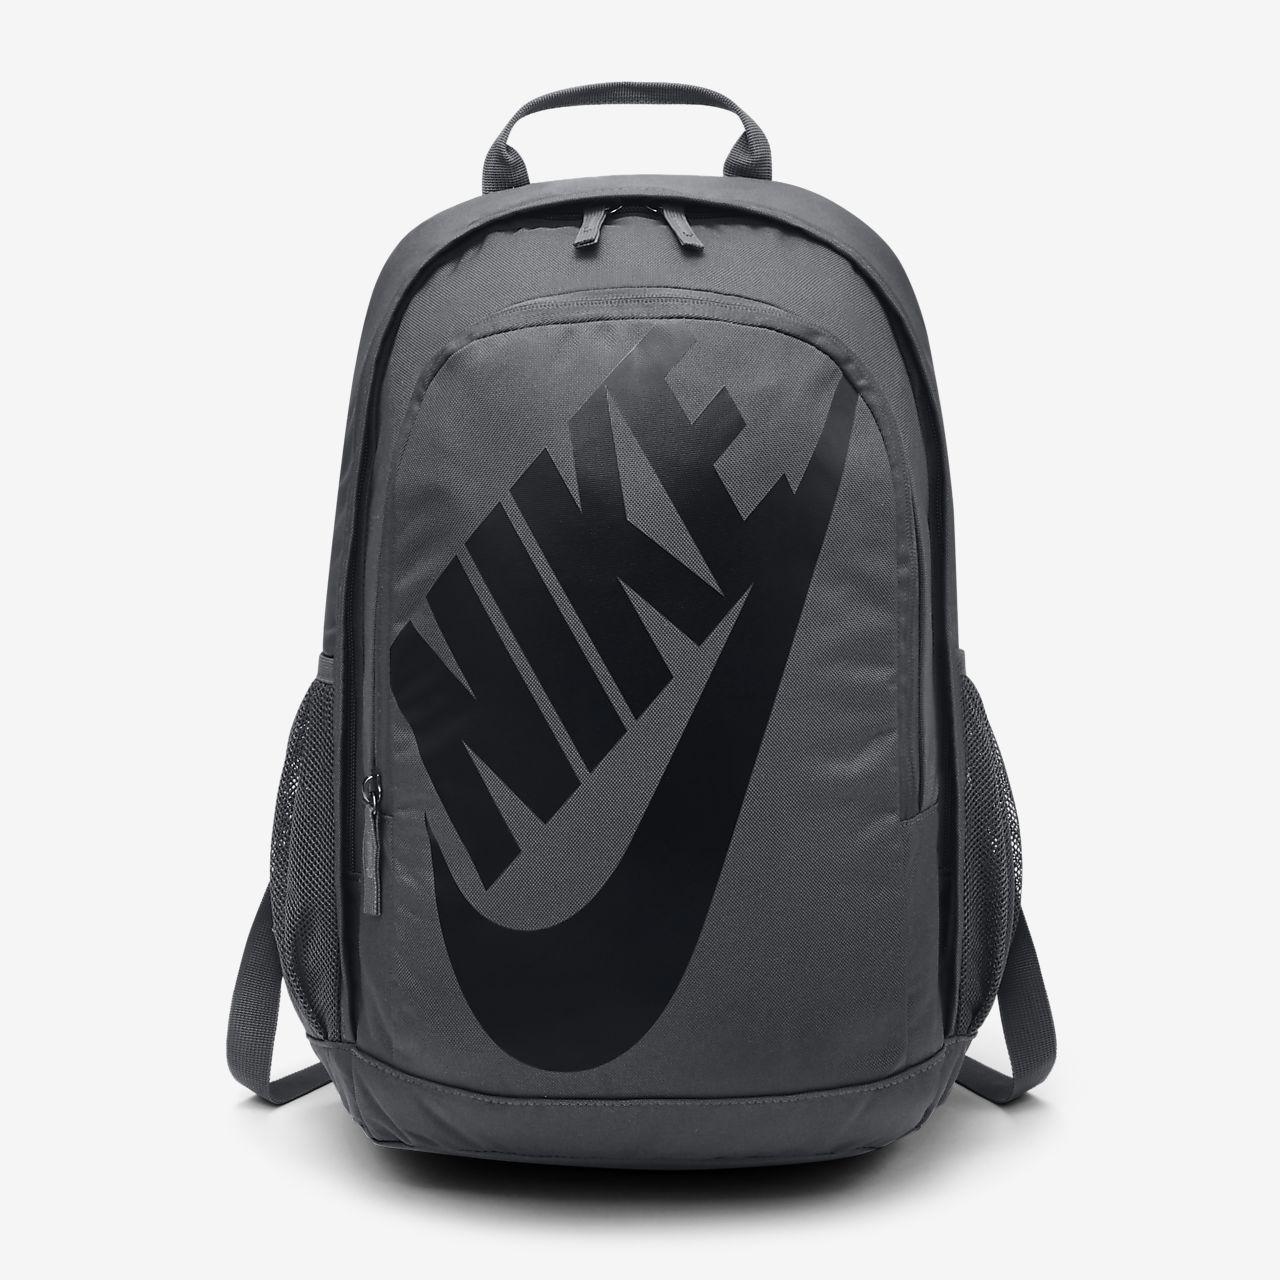 Hayward Dos Nike Futura Sac 2 Sportswear 0Ca À 6vf7yYgb